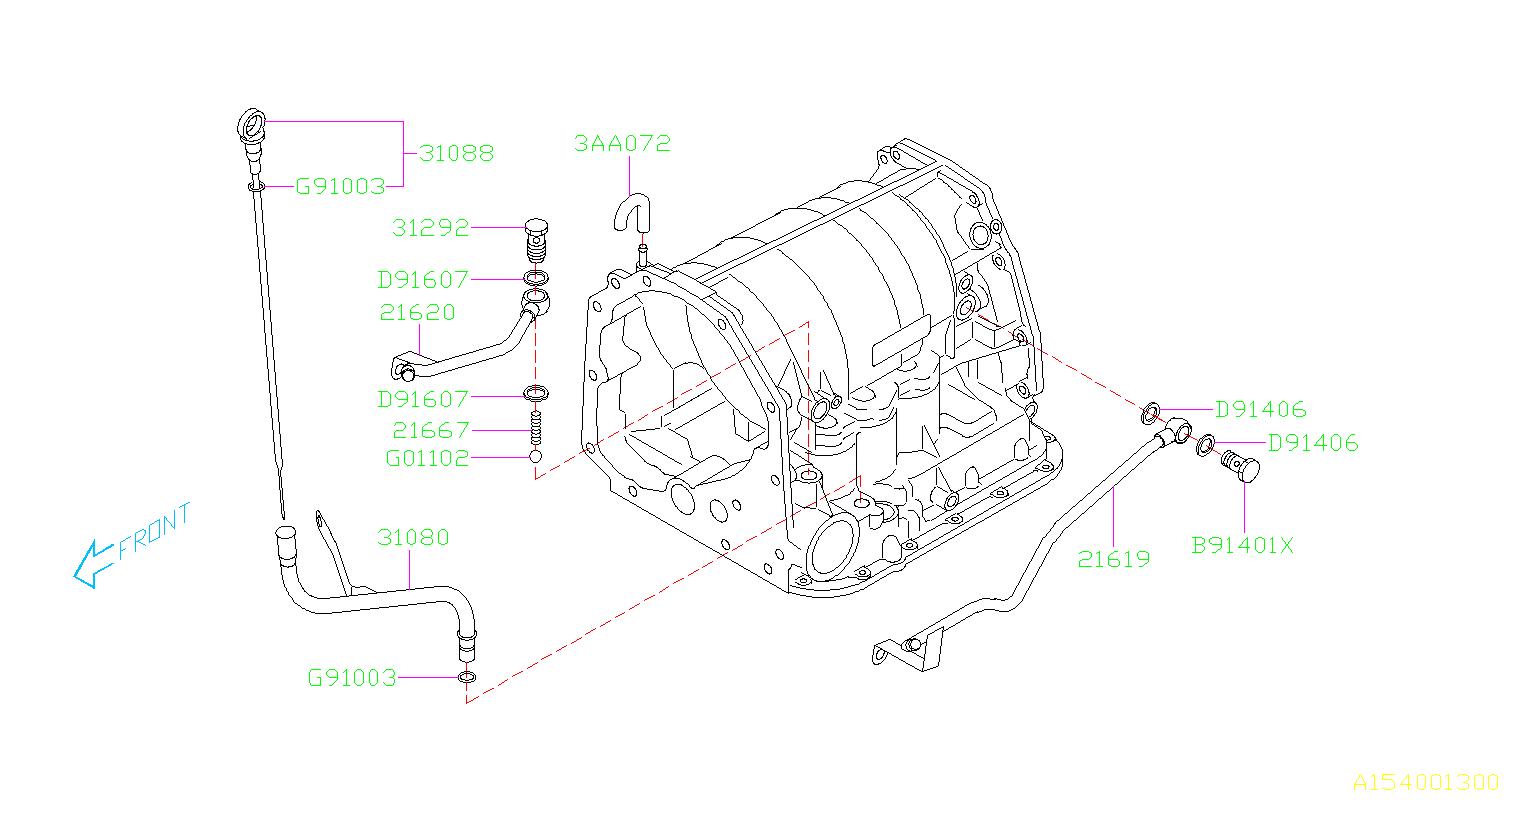 Subaru Impreza Gauge Assembly At Fluid Level Transmission